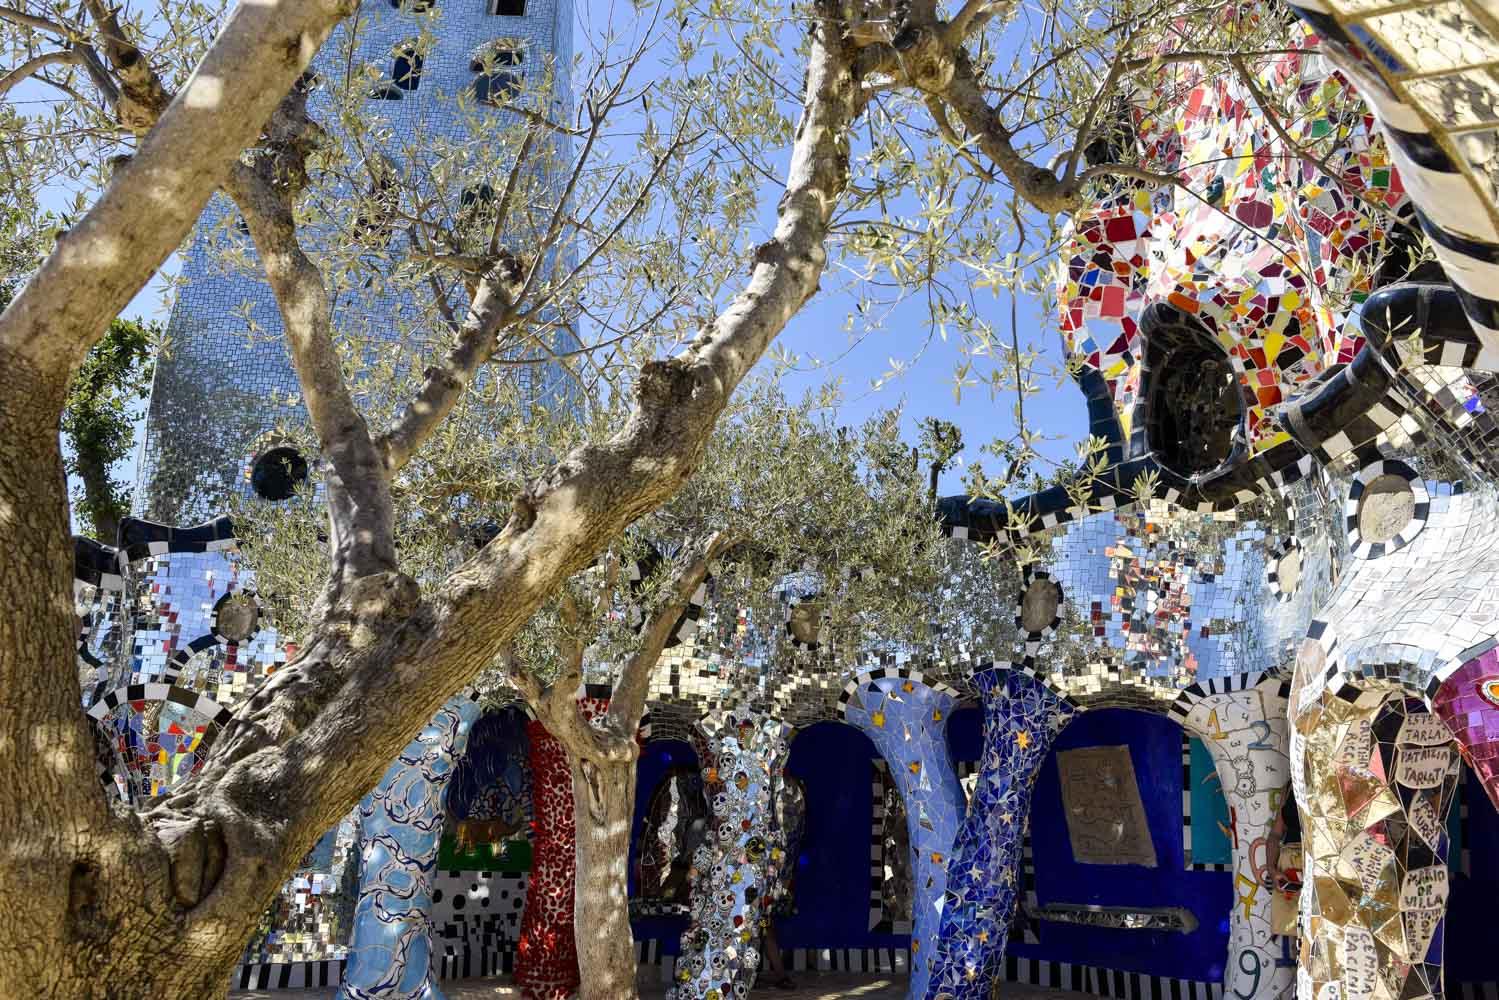 Un jeu de tarot g ant va voir l 39 art - Niki de saint phalle le jardin des tarots ...